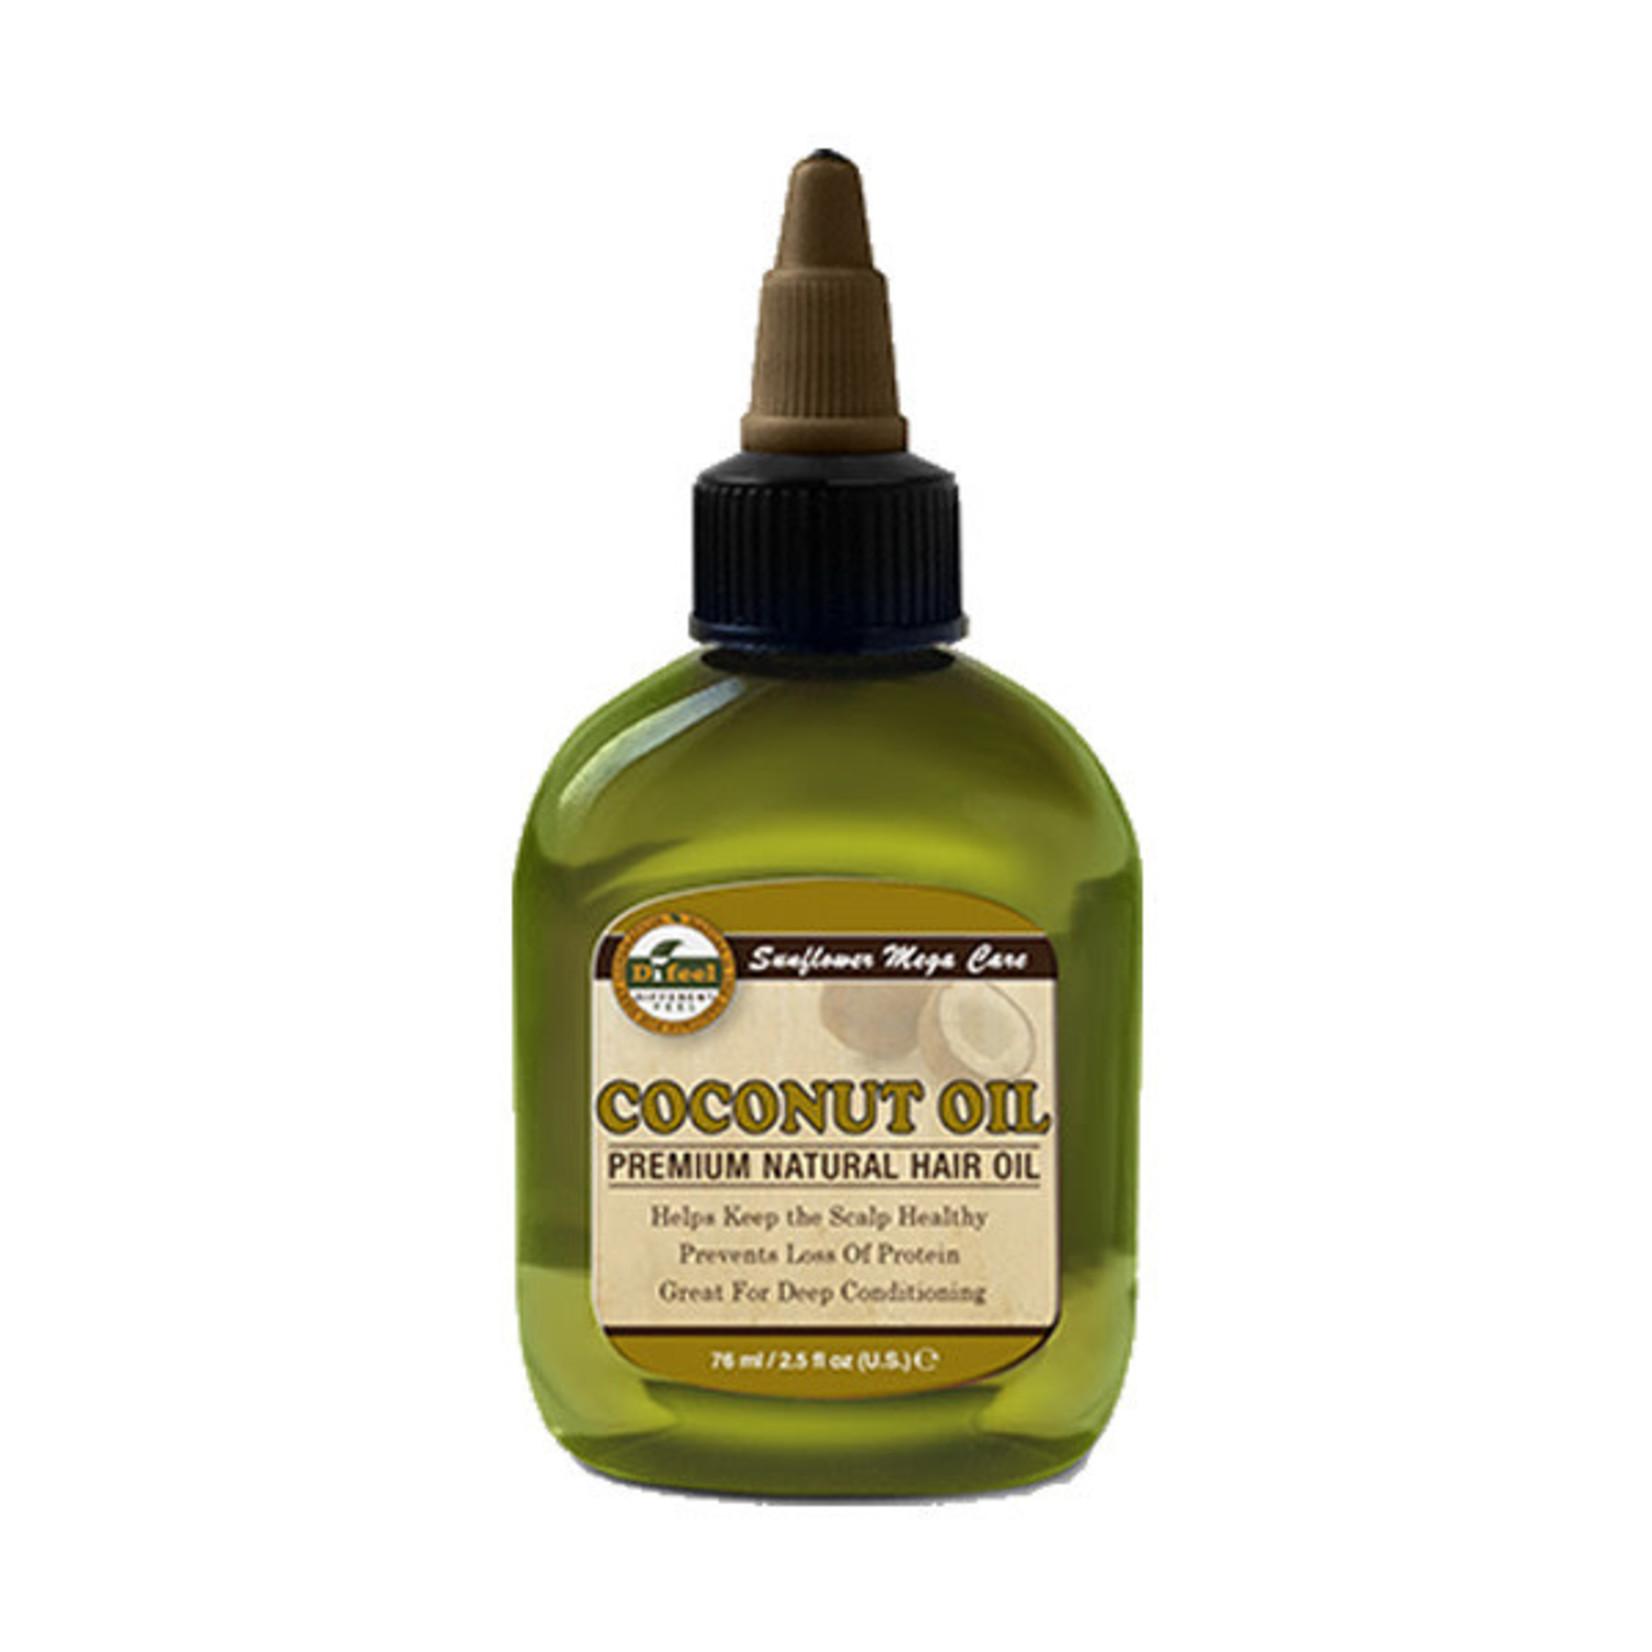 SUNFLOWER SUNFLOWER DIFEEL 99% NATURAL BLEND PREMIUM HAIR OIL [2.5OZ] - COCONUT OIL